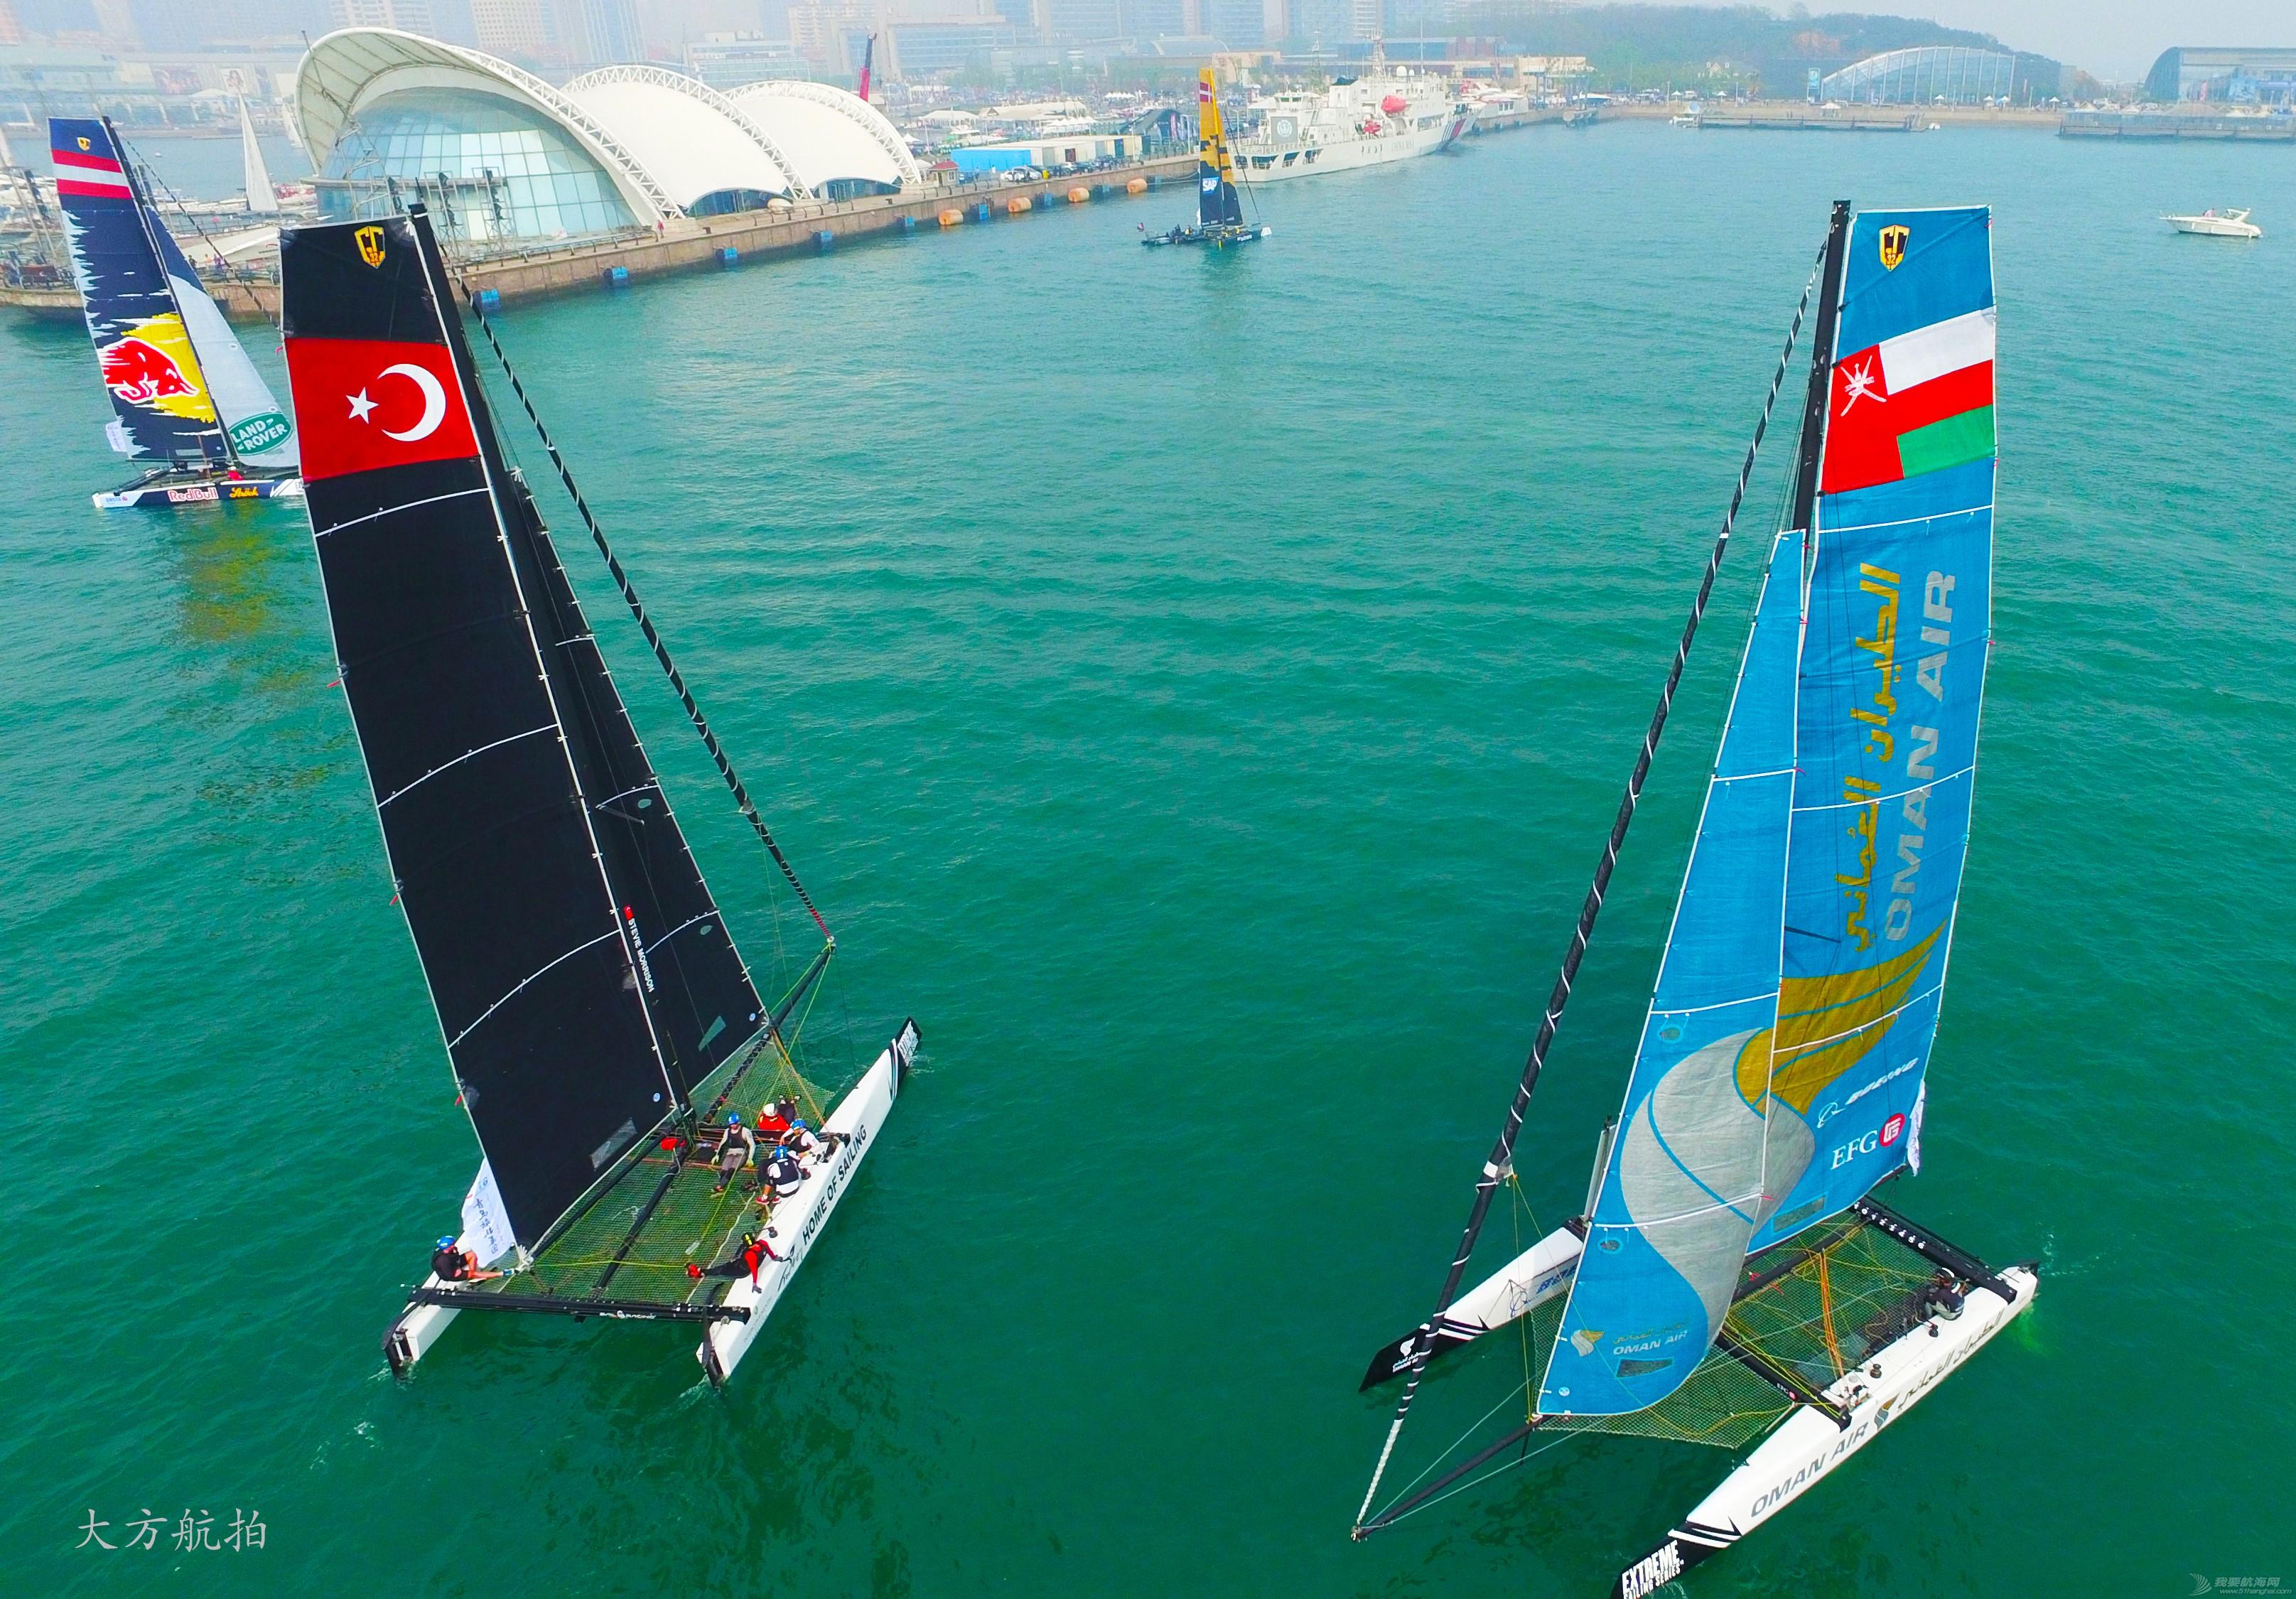 系列赛,青岛,帆船,国际,极限 2016国际极限帆船系列赛青岛站--大方航拍 DJI_0159.JPG